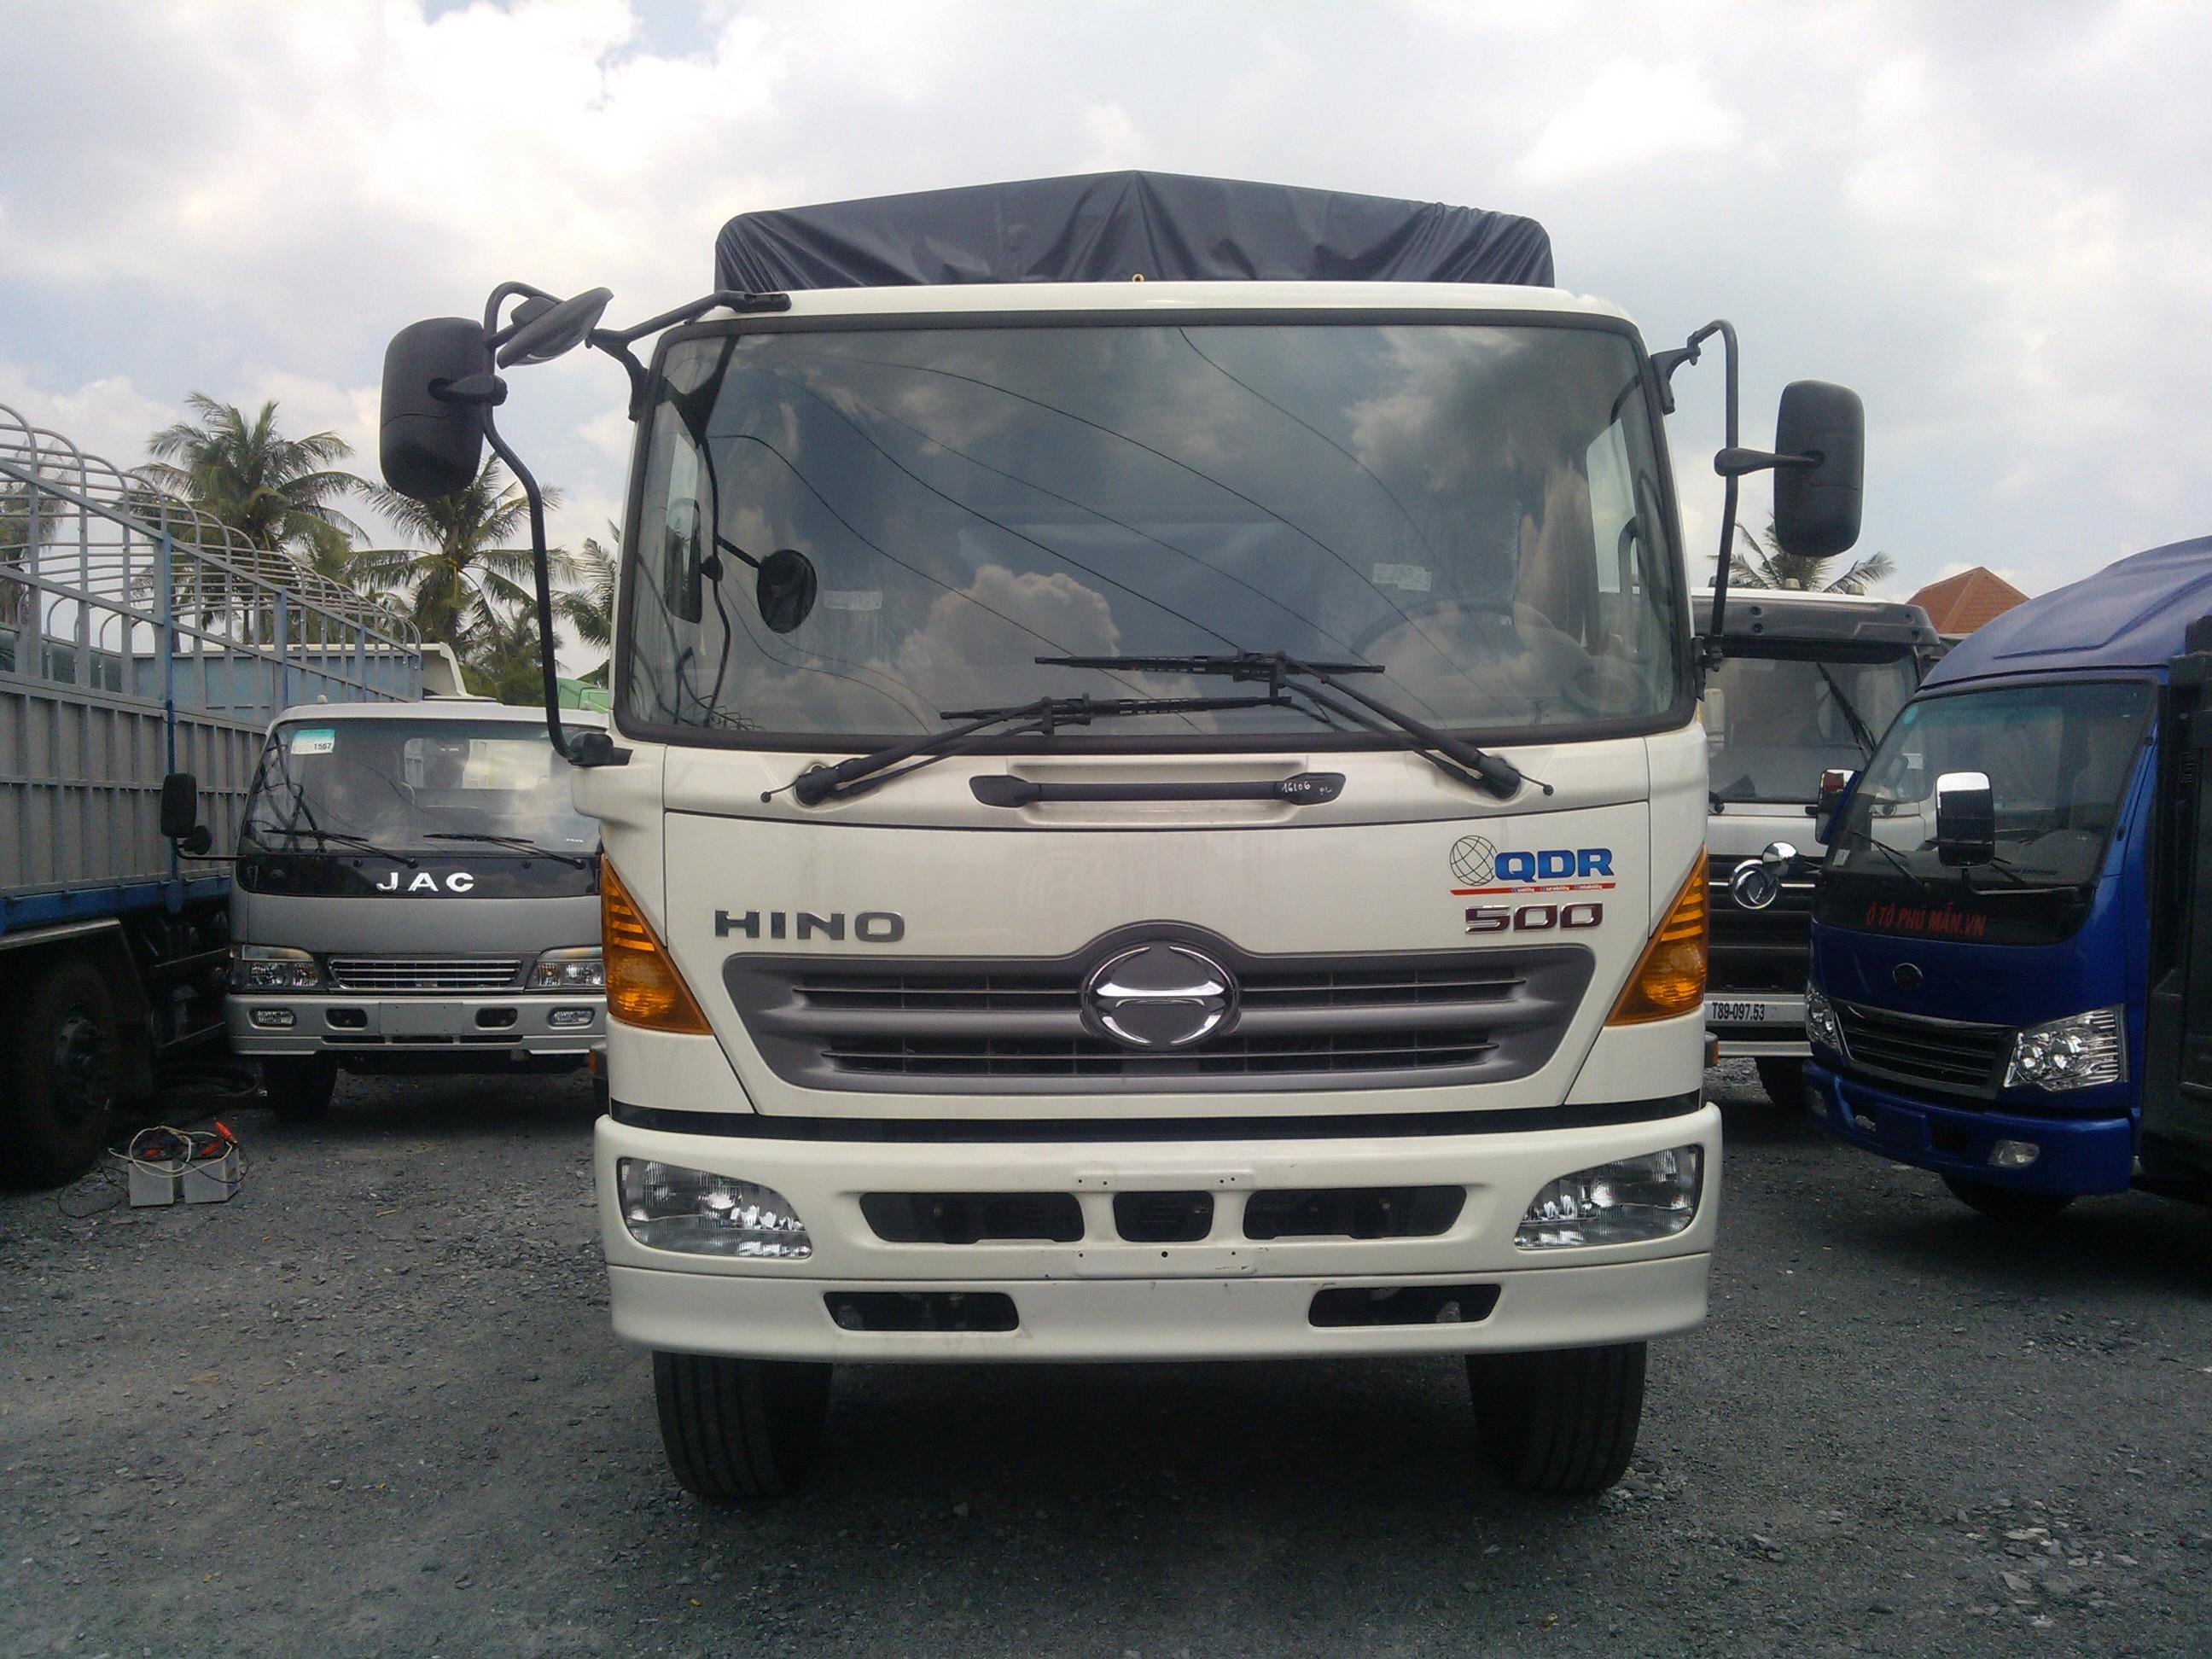 Mua bán xe tải hino 9T4 - Bán xe tải hino 9T4 - Mua xe tải hino 9T4